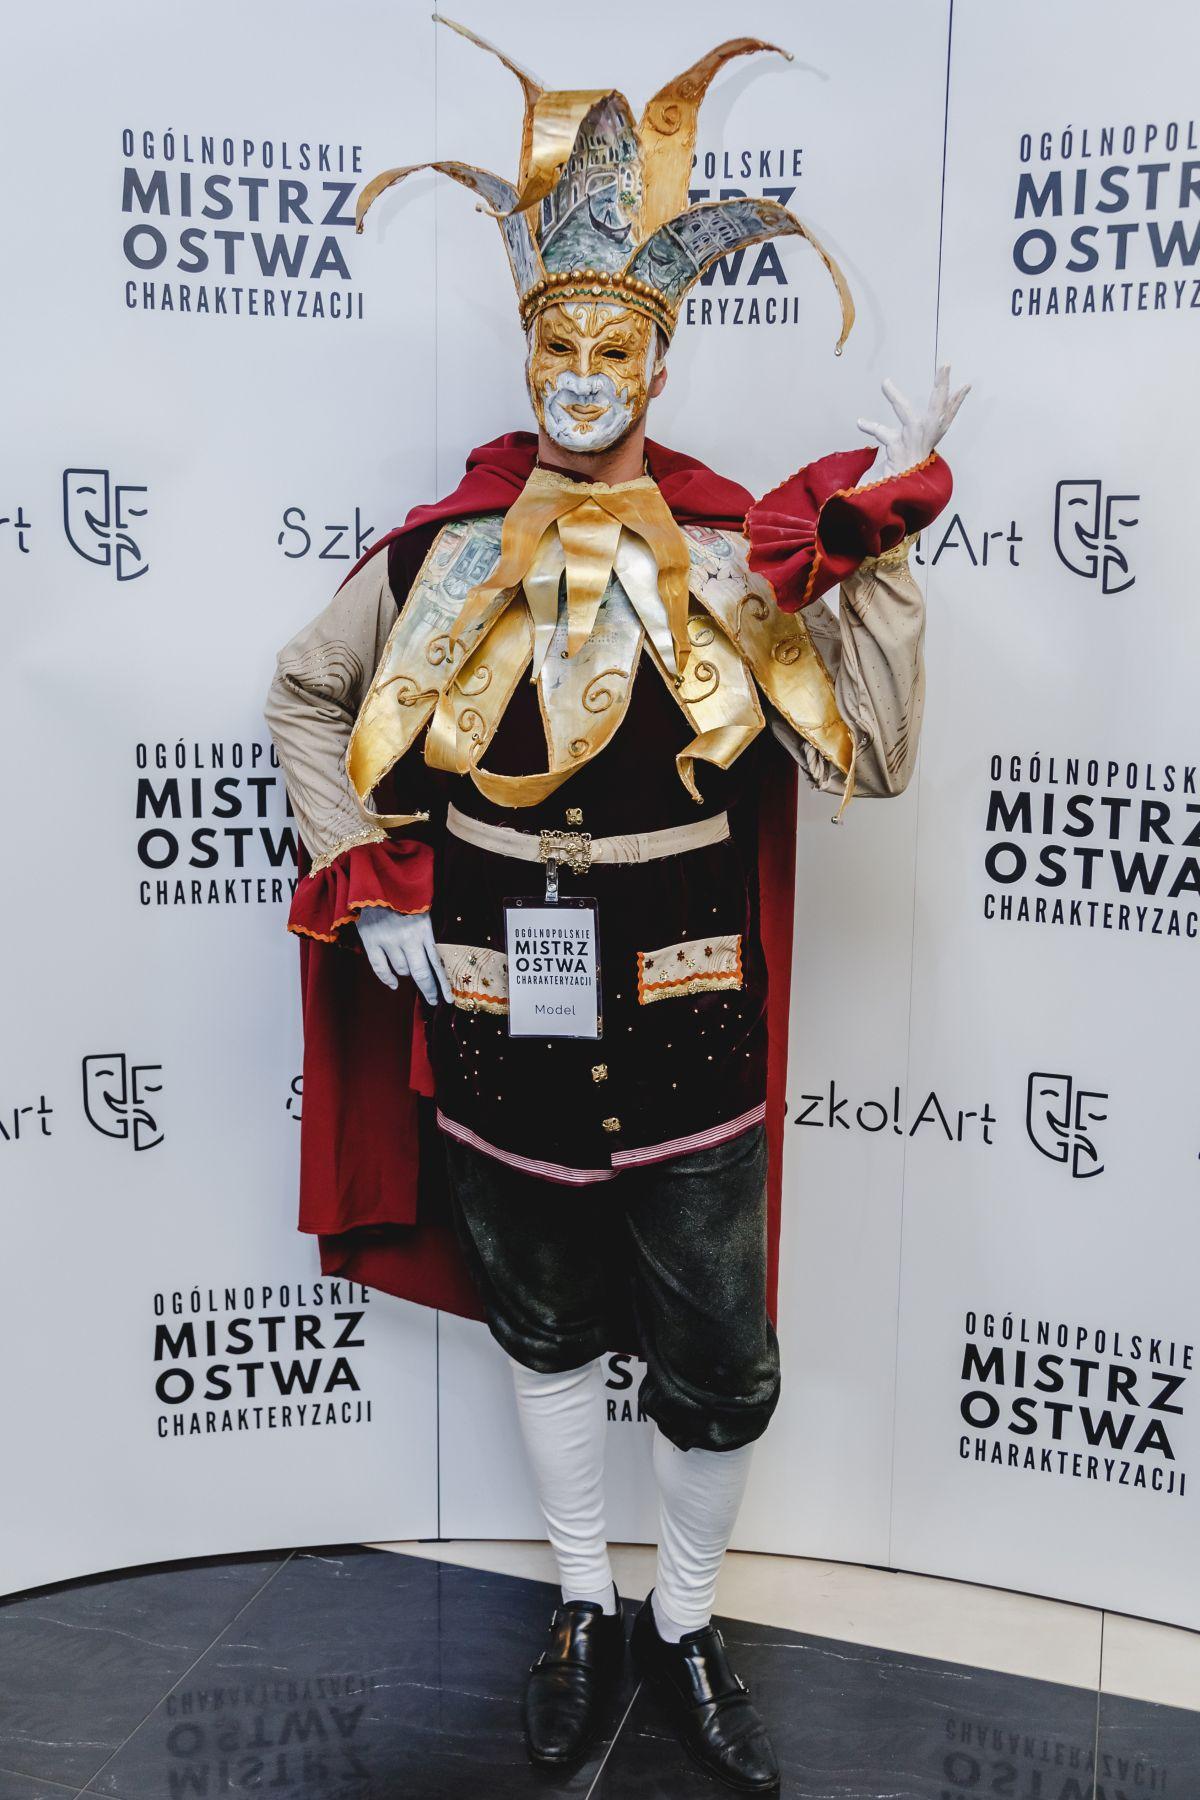 7. Ogolnopolskie Mistrzostwa Charakteryzacji -  158